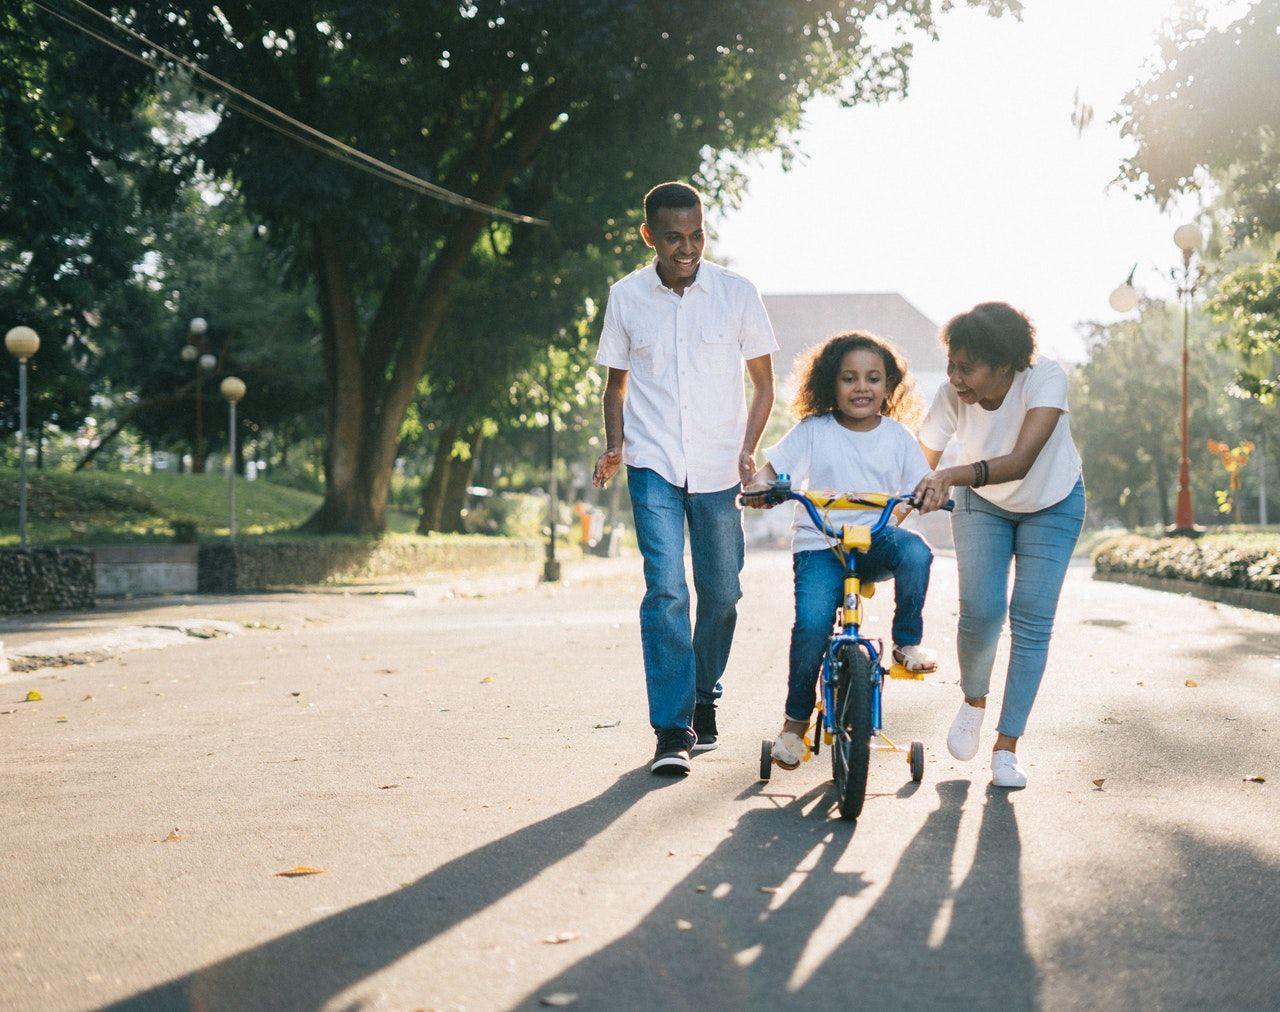 anak bermain sepeda ditemani orang tua